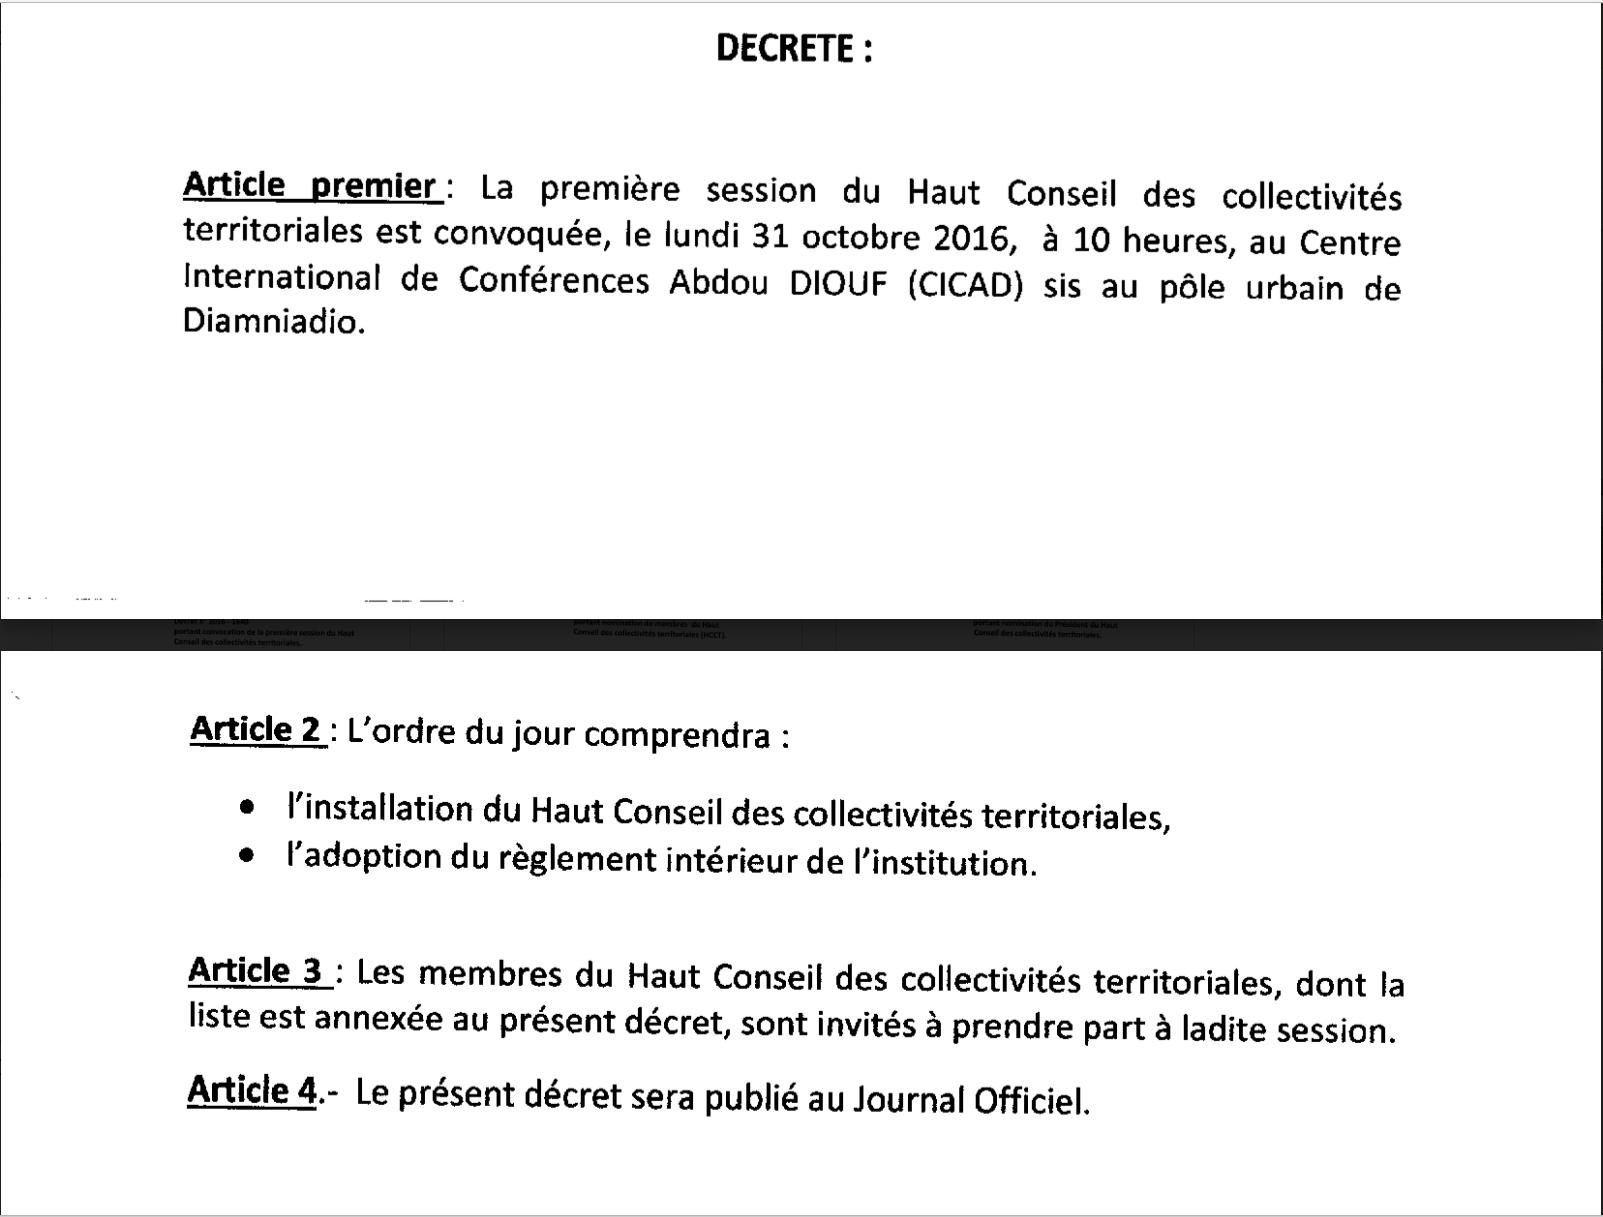 HCCT : La première session est convoquée ce lundi 31 octobre à 10 heures au CICAD à Diamniadio (DOCUMENT)